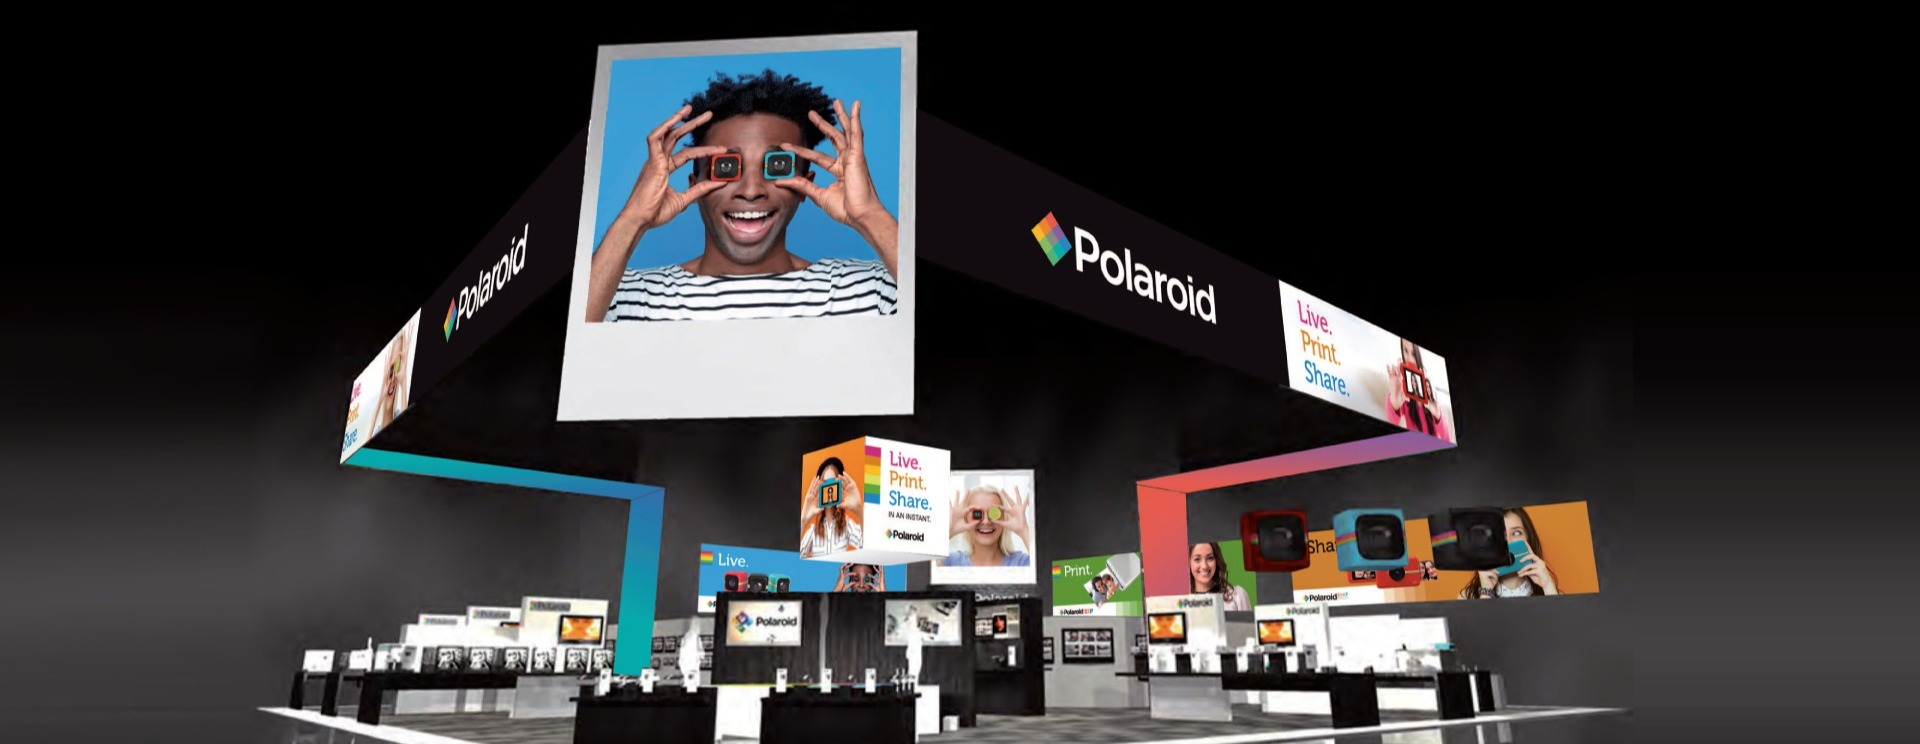 UP_Polaroid_CES2017_Frame_1